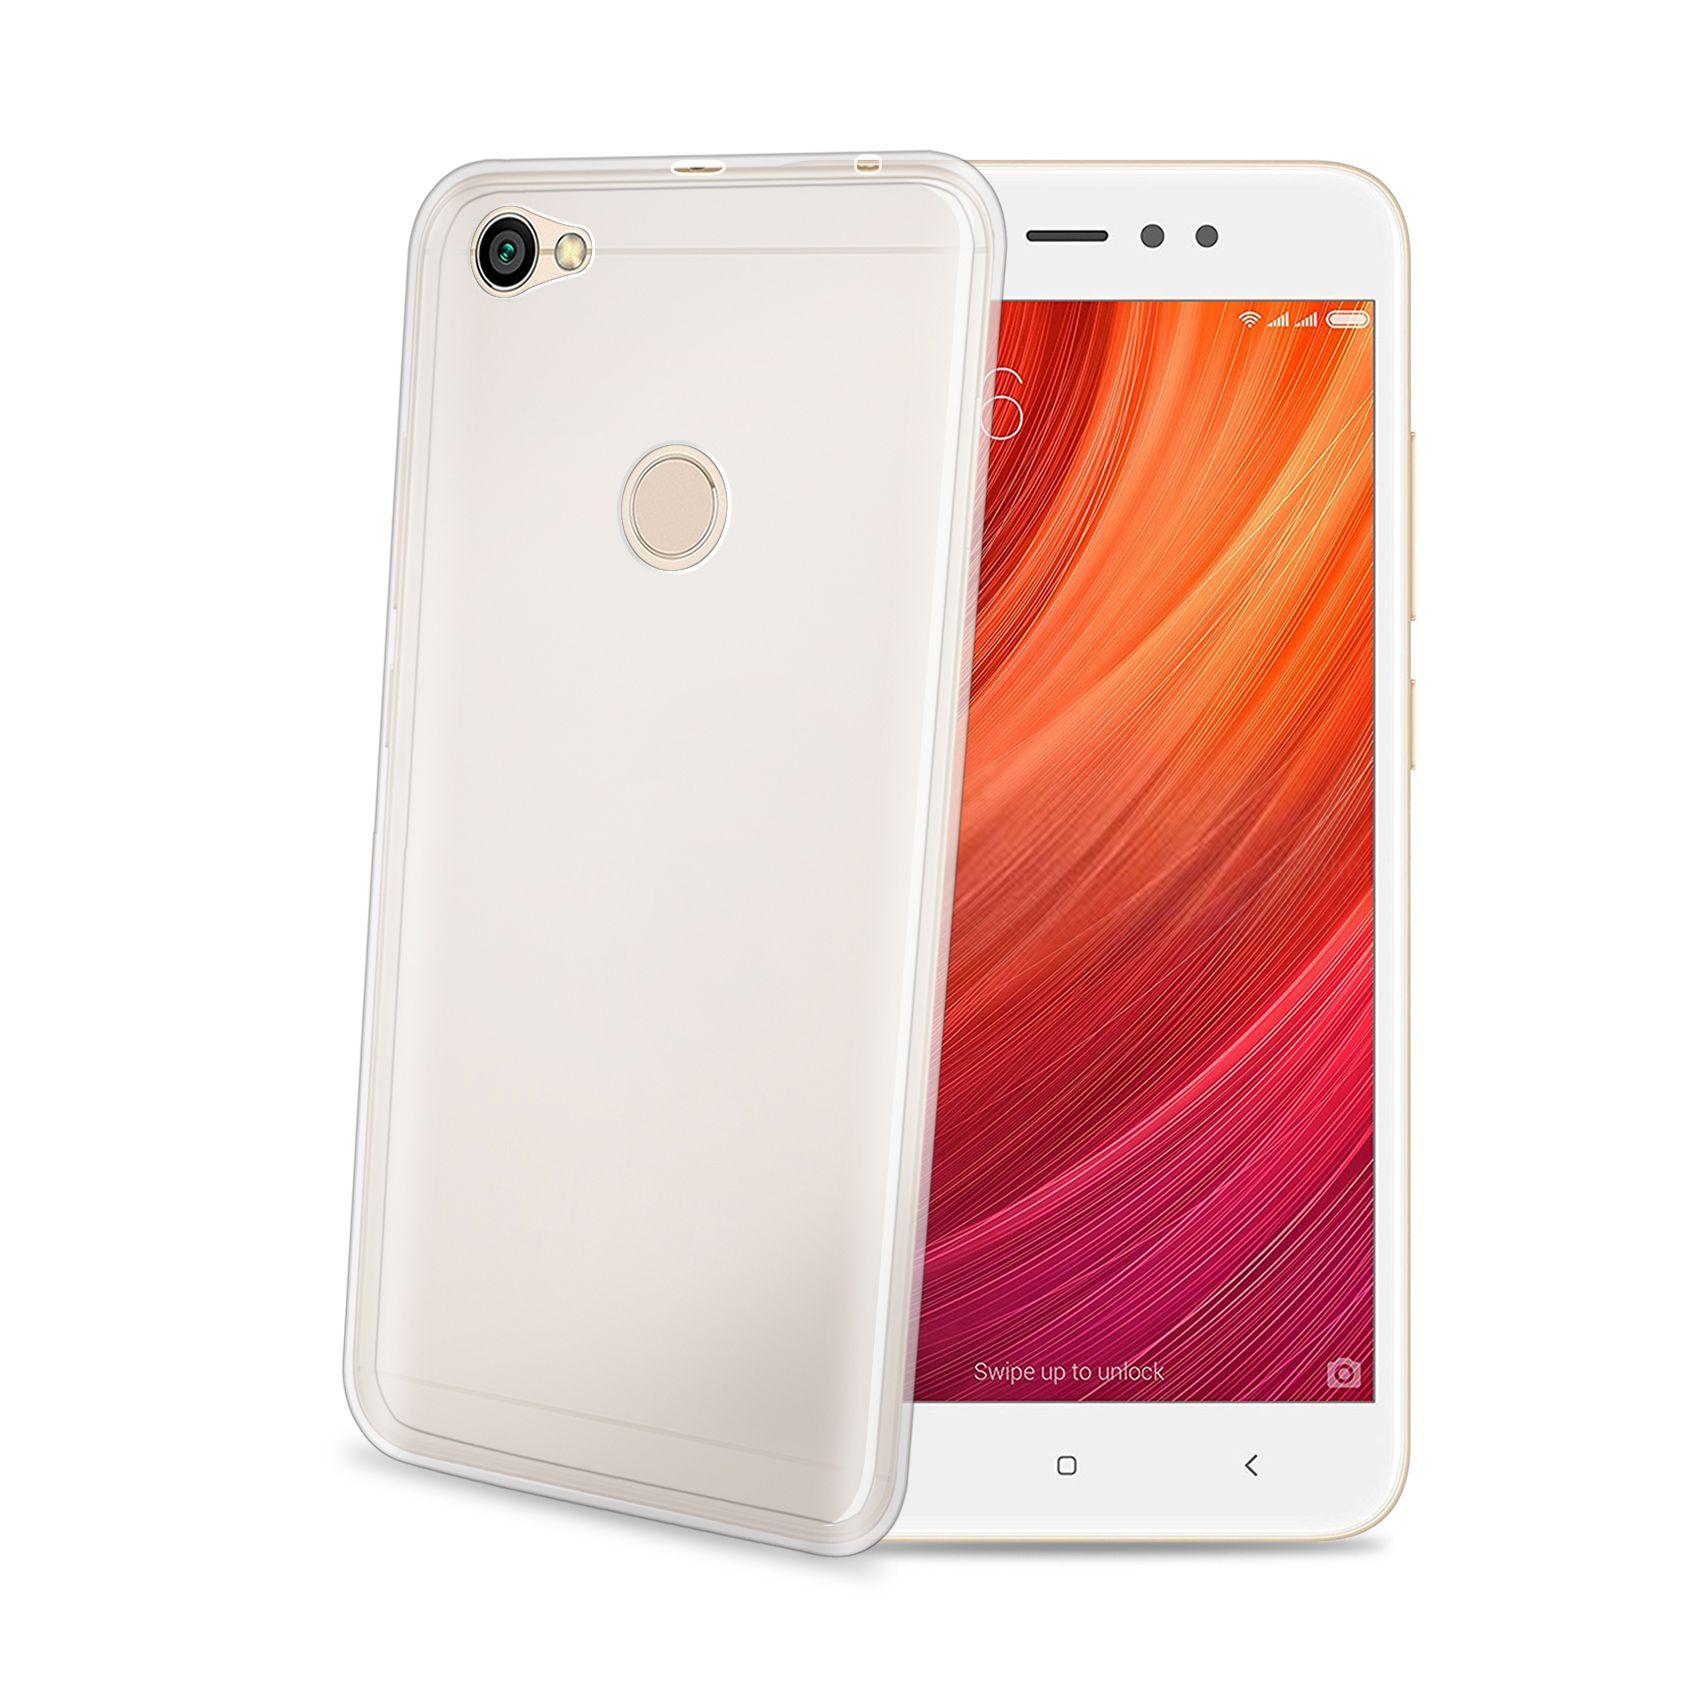 TPU pouzdro CELLY Gelskin pro Xiaomi Redmi Note 5A / 5A Prime / 5A Lite, bezbarvé